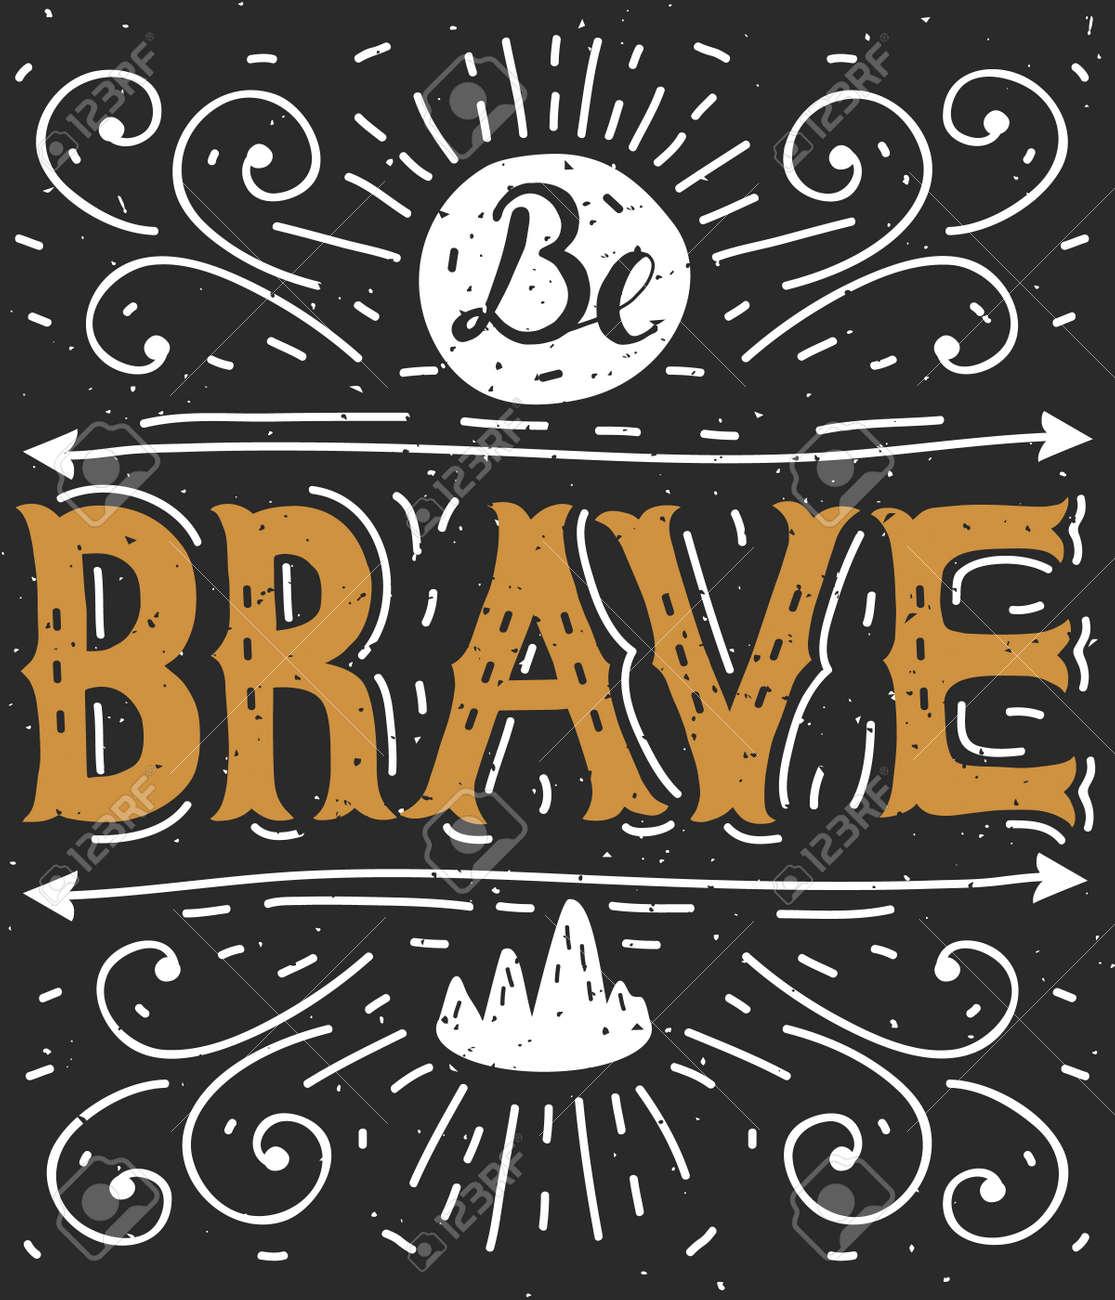 Sé Valiente Cartel Lettering Typography Mano Frases Motivacionales Esta Ilustración Vectorial Se Puede Utilizar Como Una Impresión En Las